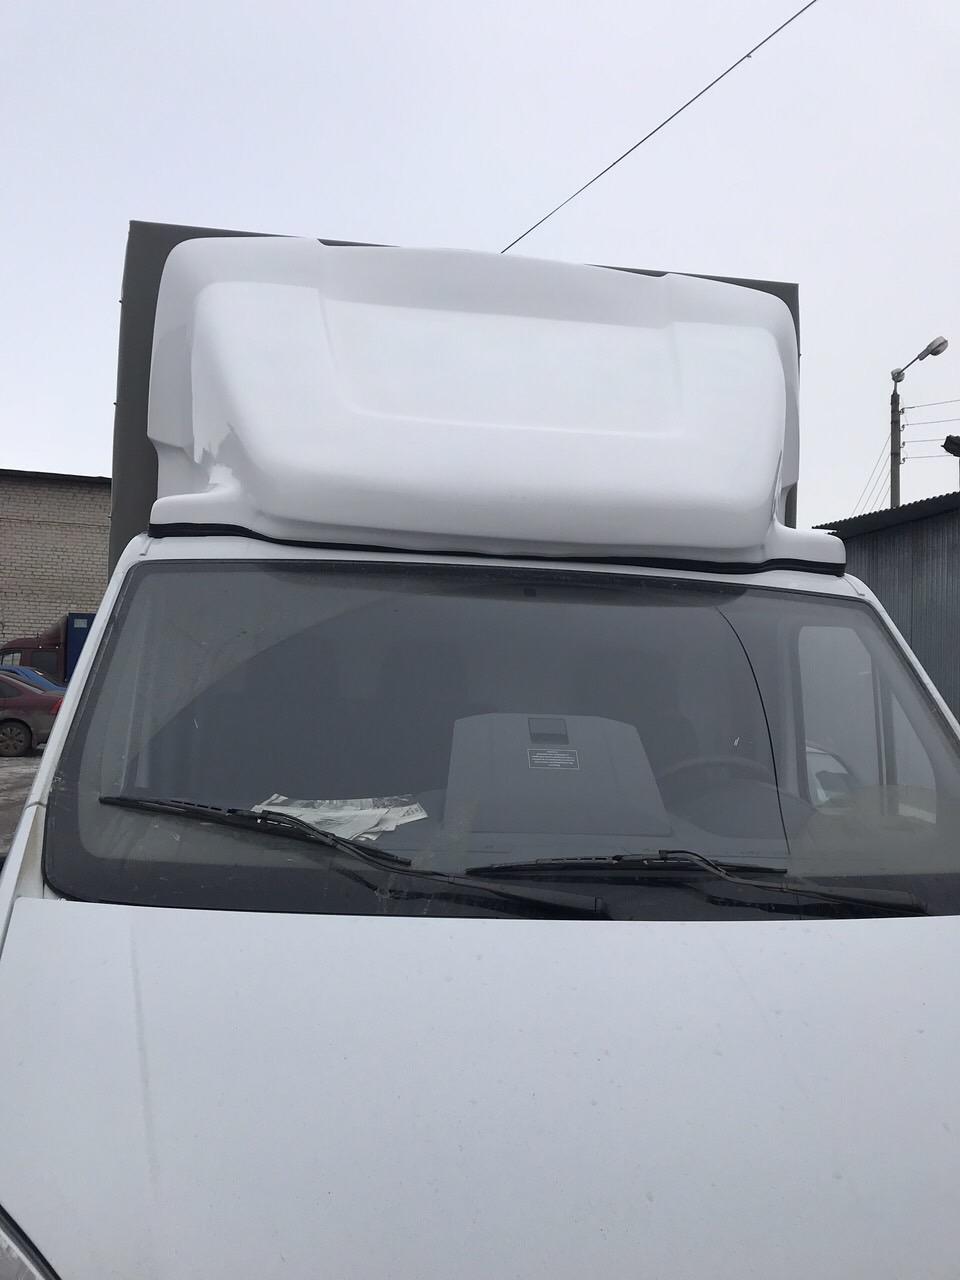 Обтекатель Next-comfort белый, высота фургона 2,2 м